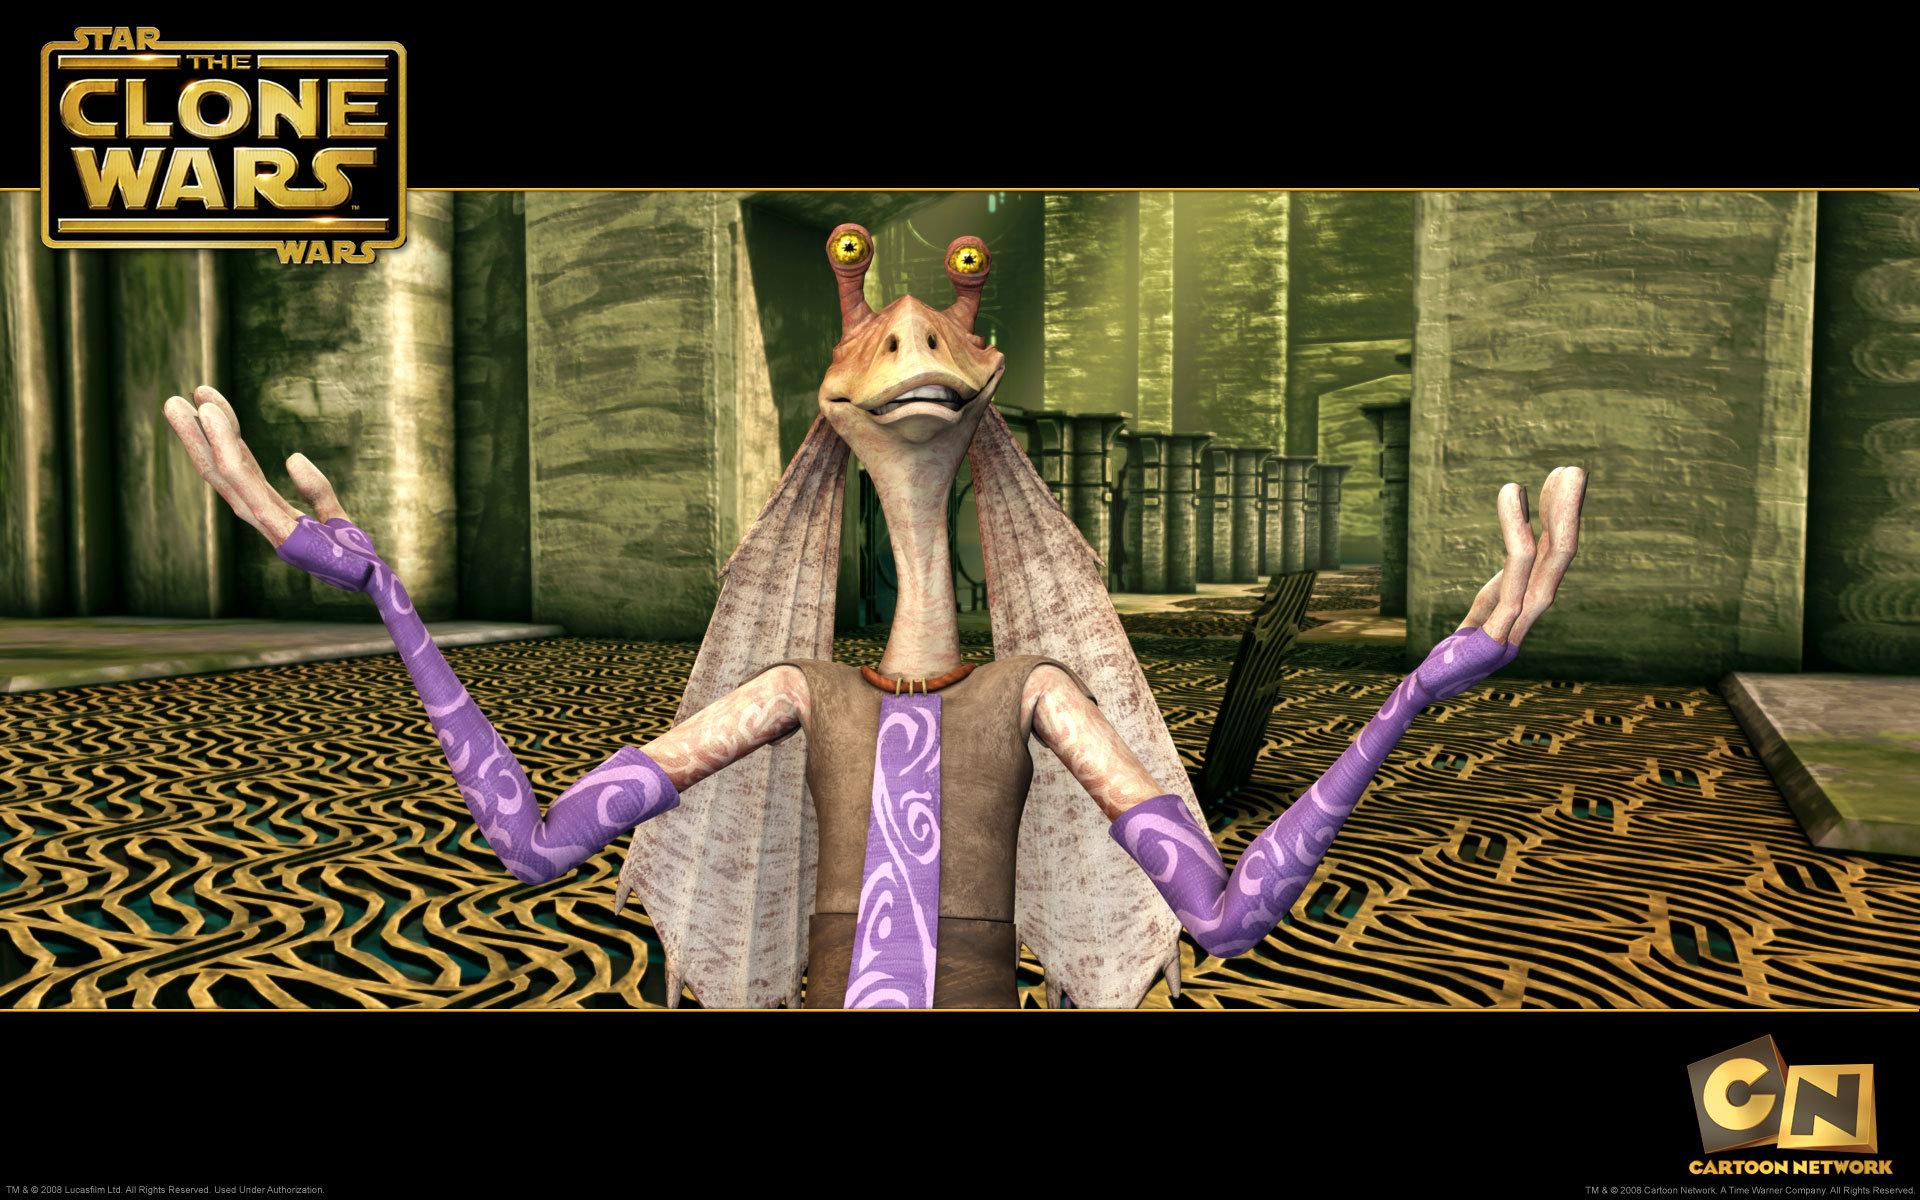 star wars the clone wars wallpaper hd 1920x1200 275667